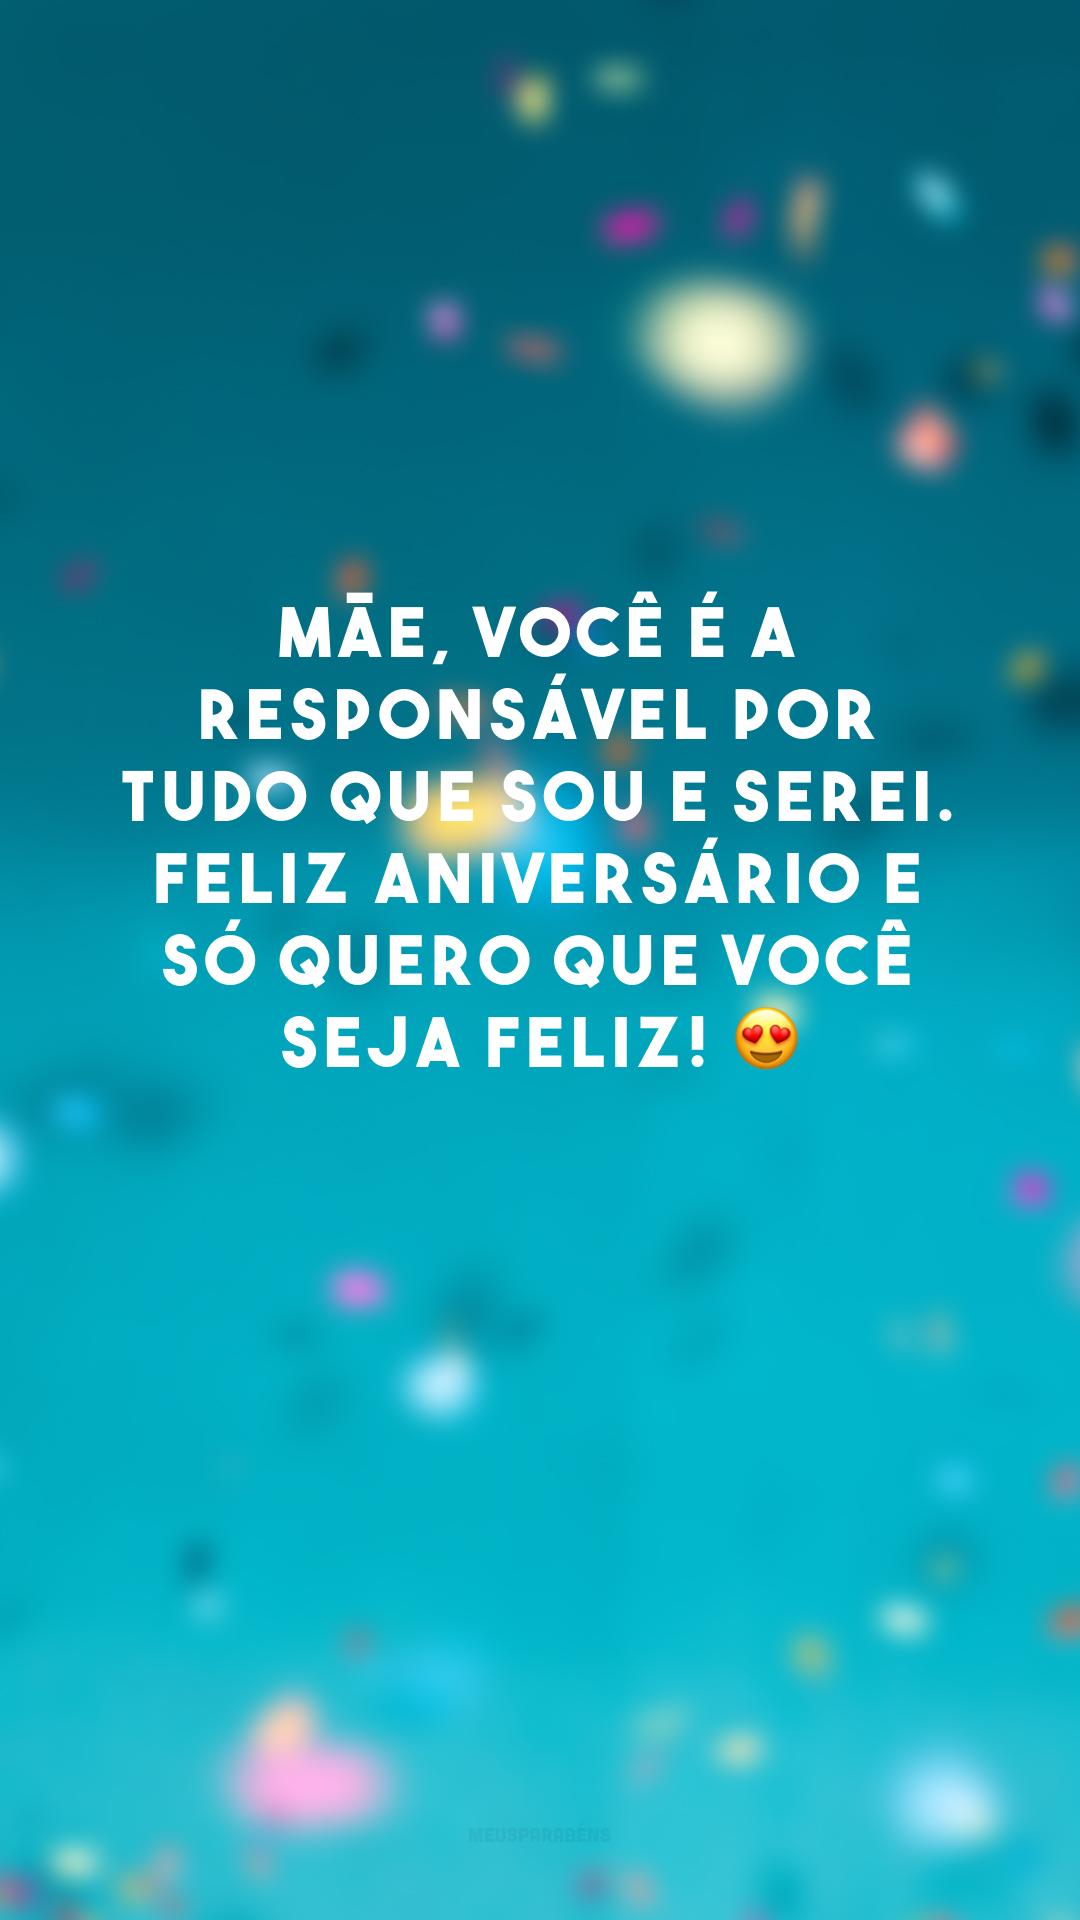 Mãe, você é a responsável por tudo que sou e serei. Feliz aniversário e só quero que você seja feliz! 😍